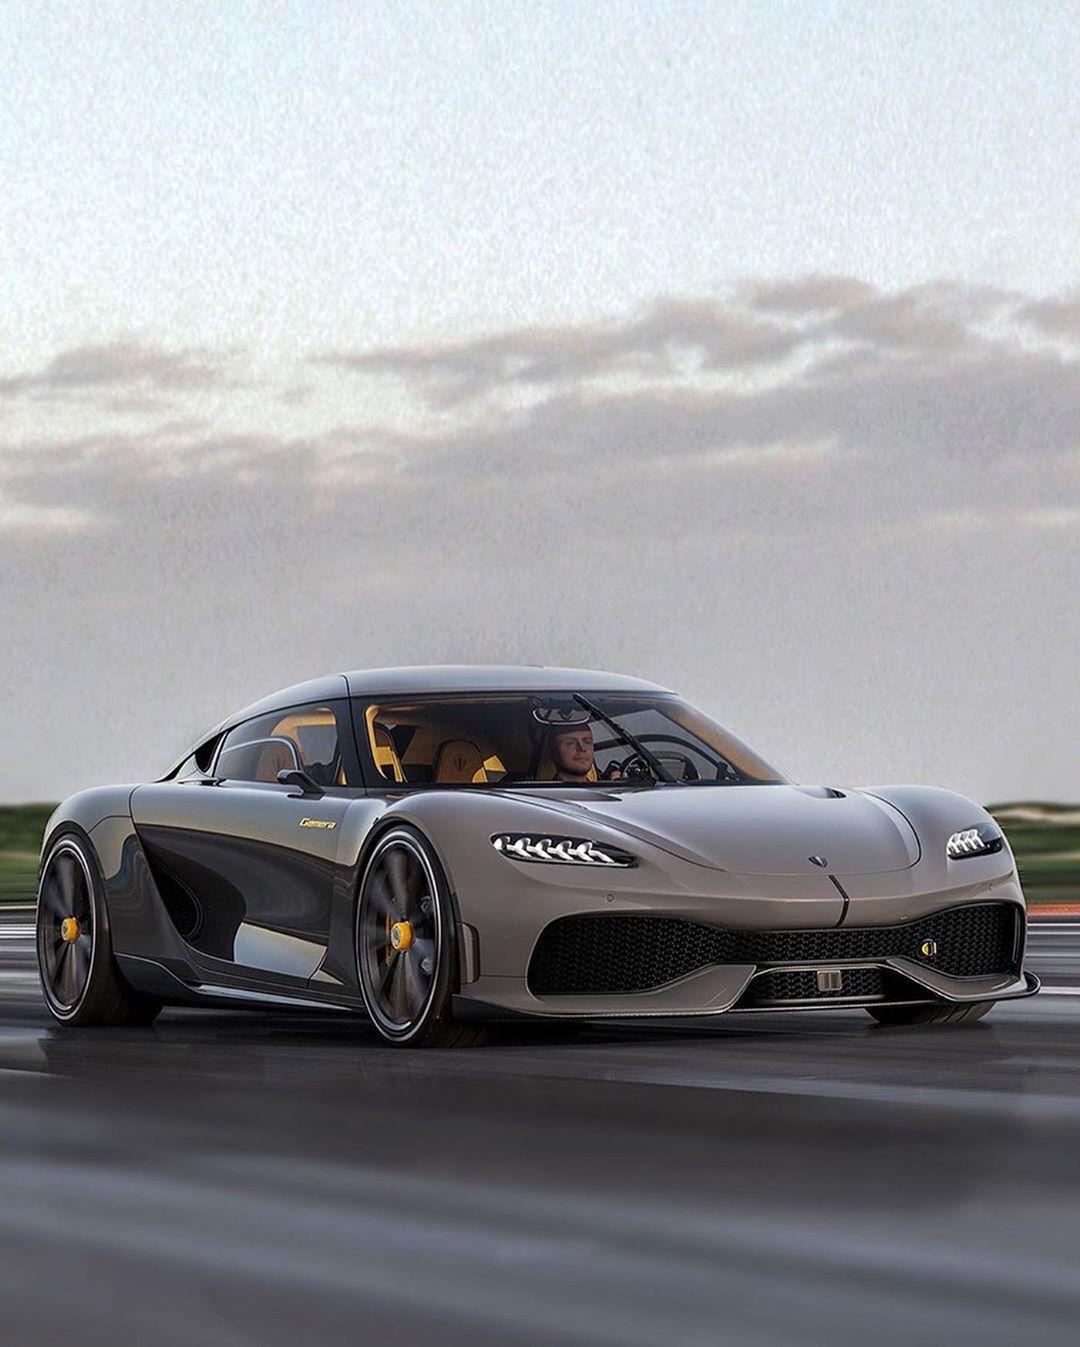 10 3 Tys Otmetok Nravitsya 173 Kommentariev Supercars Topdrift Topdrft V Instagram Would You Buy The New Koenigsegg Gemera In 2020 Koenigsegg Super Cars Car